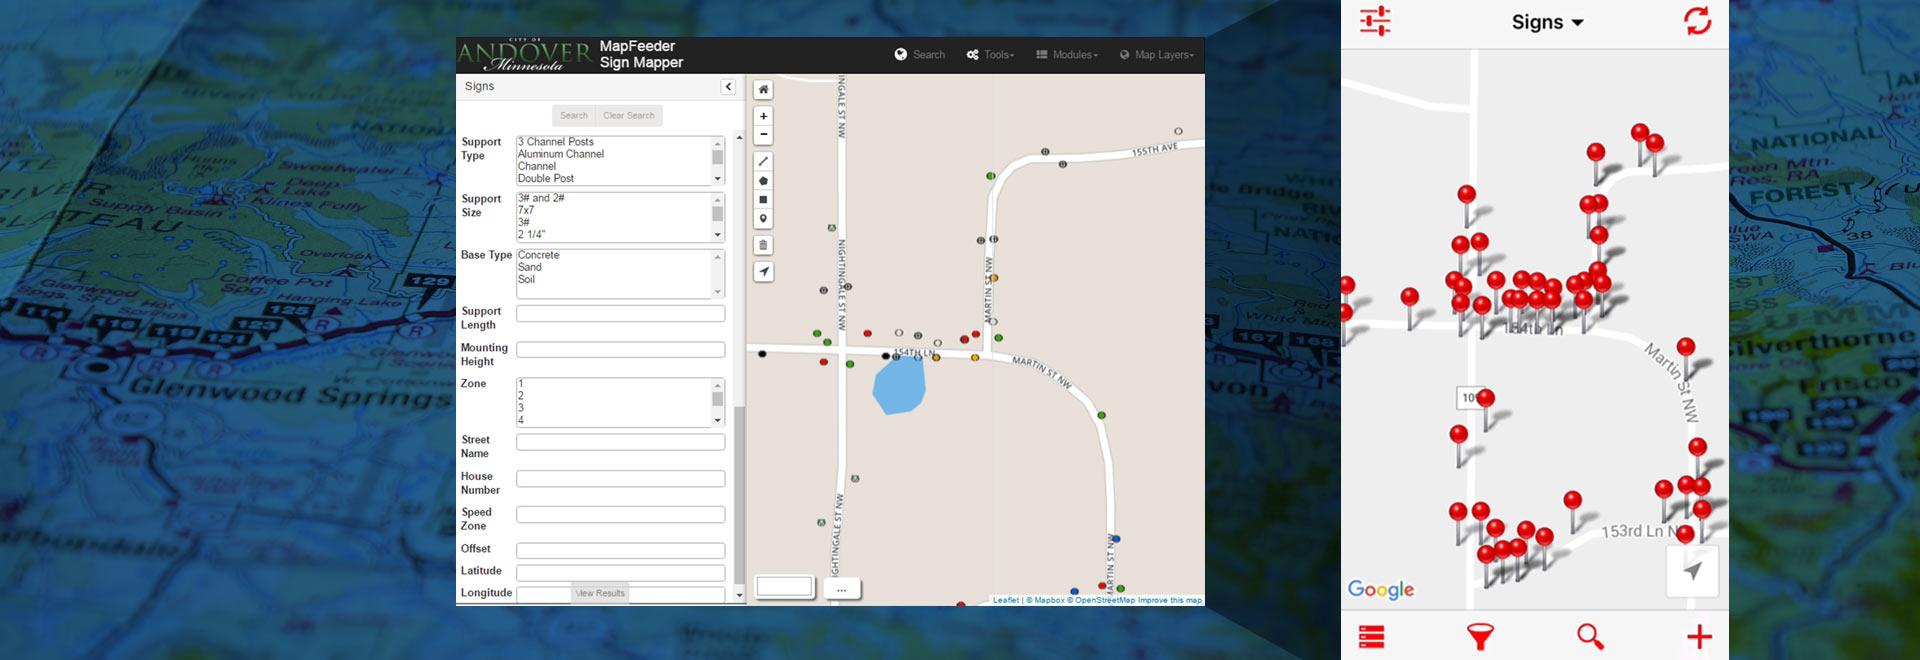 mapFeeder